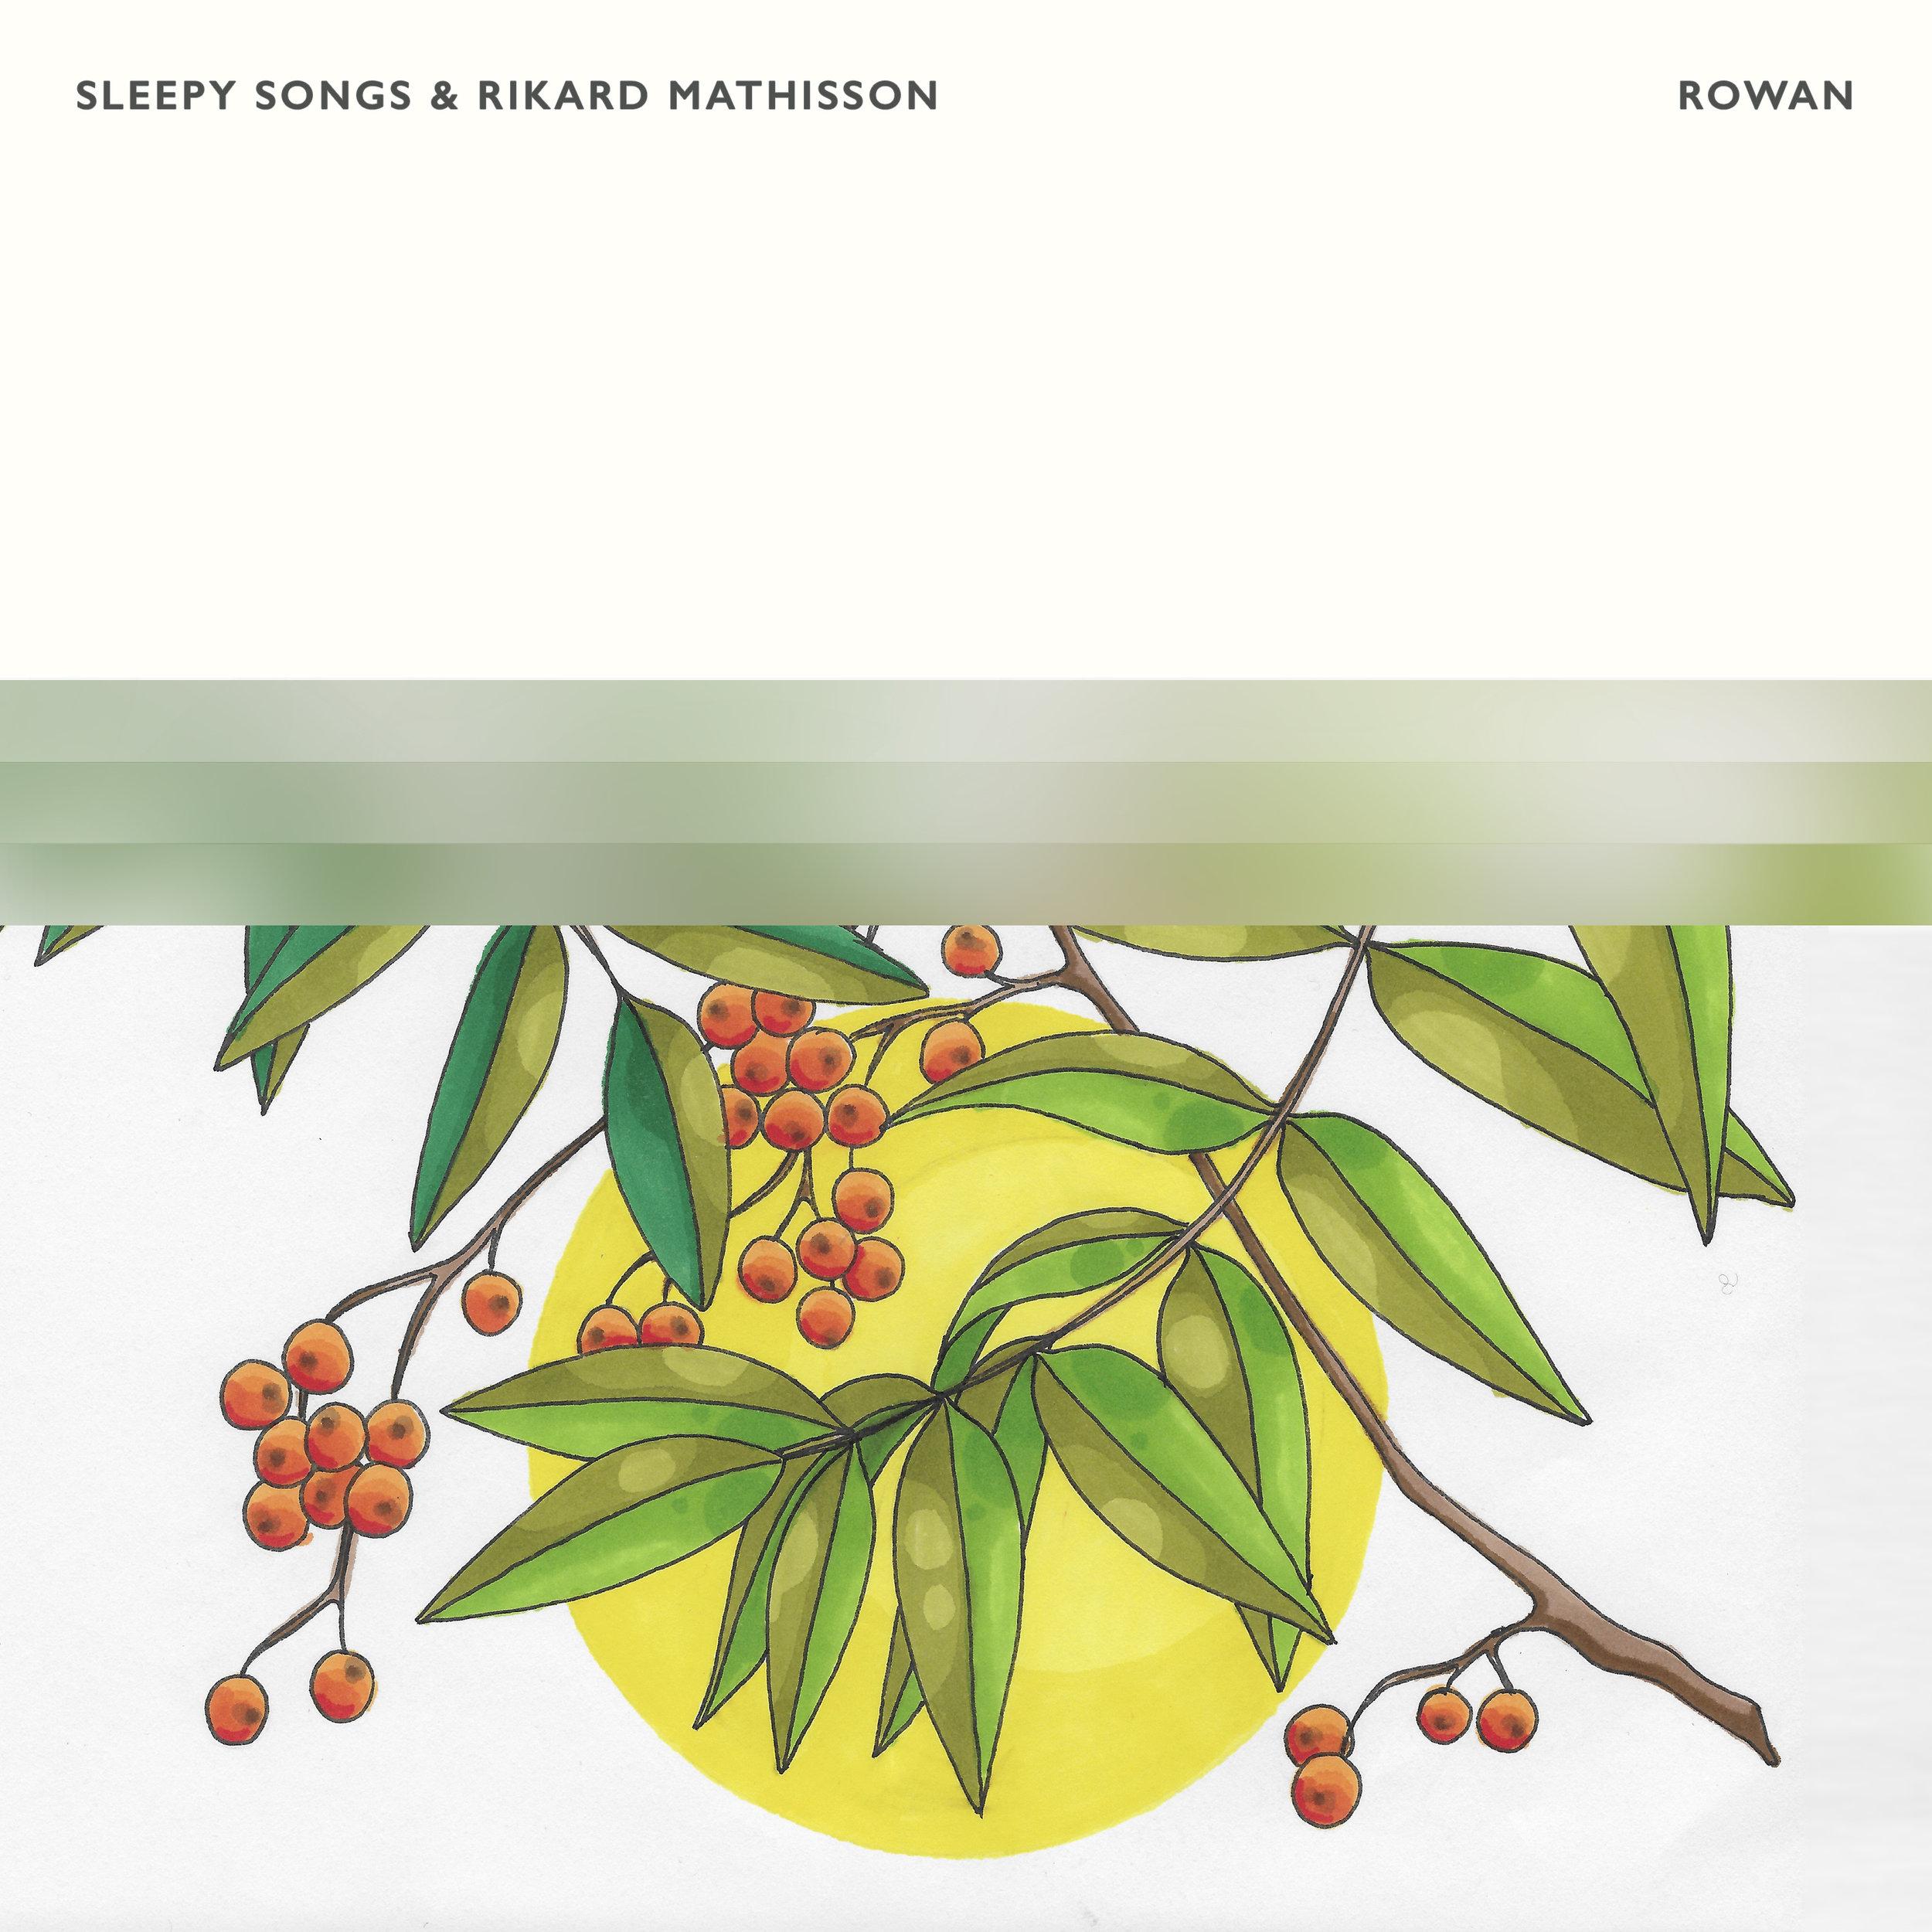 Sleepy Songs & Rikard Mathisson - Rowan